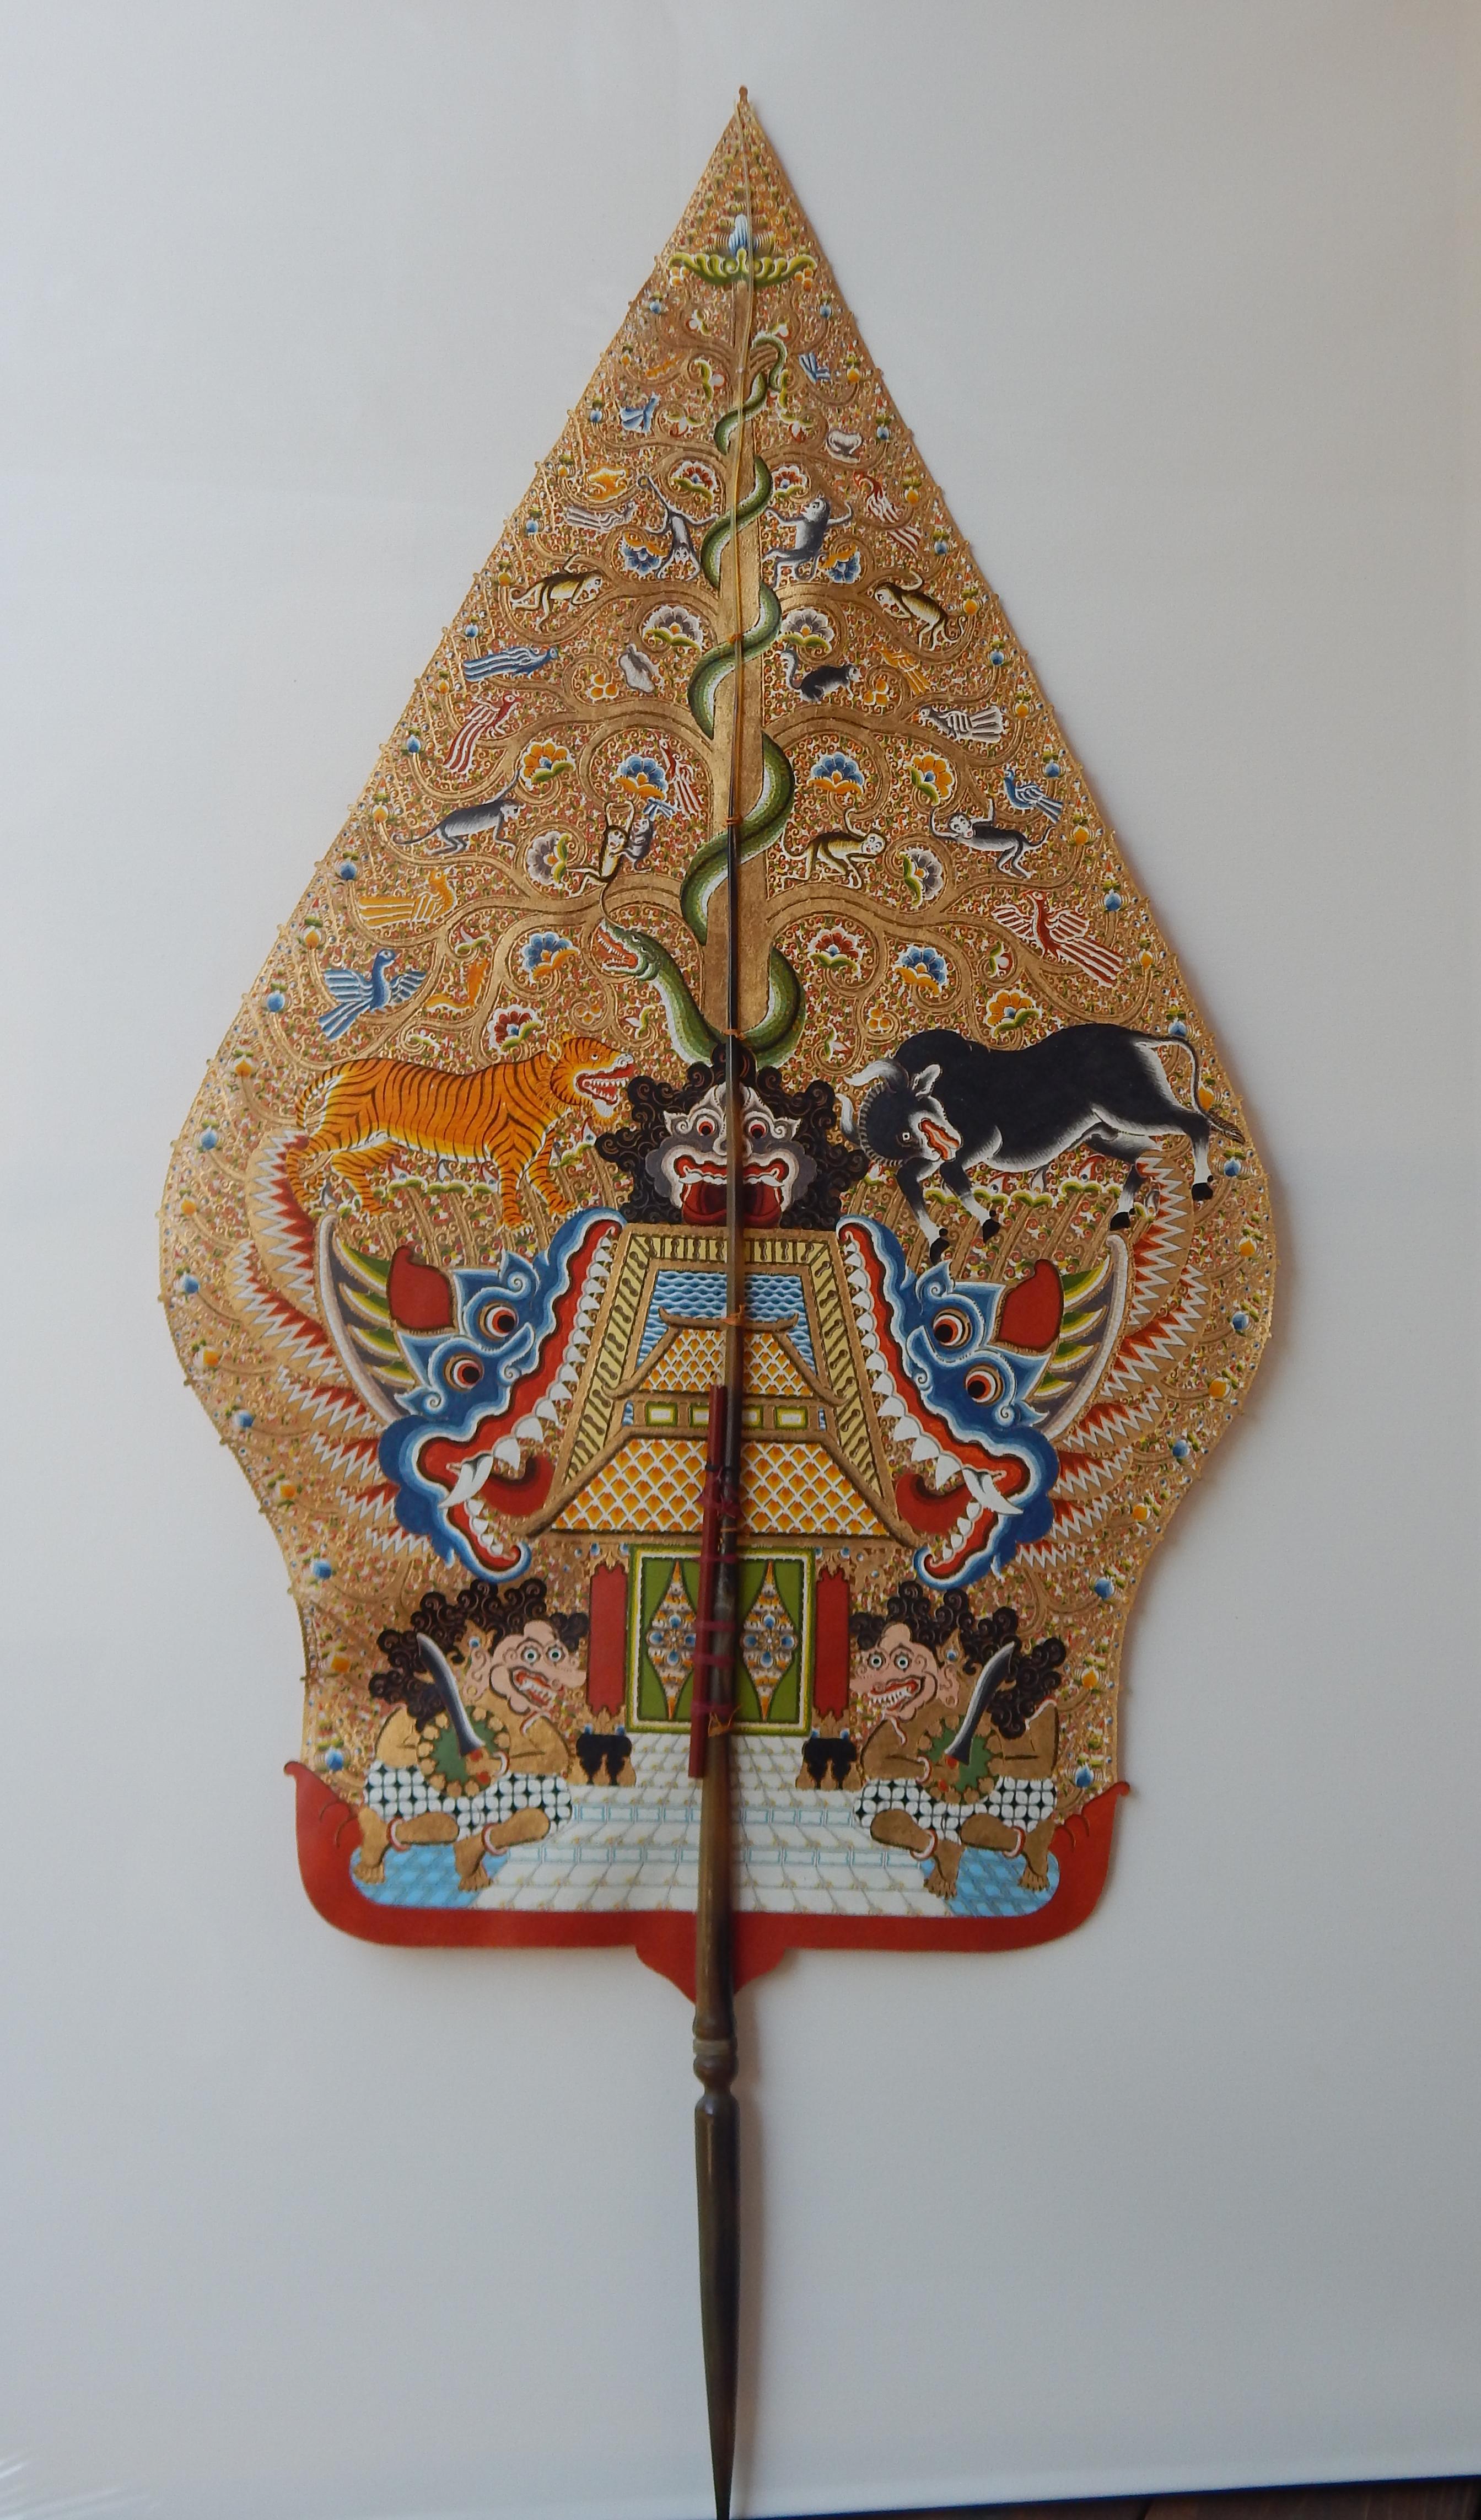 <em>Gunungan gapuran</em>, une figure d'ombre pour le <em>wayang <em>kulit</em> purwa</em> <em>Jawa</em> et le wayang golek purwa, représentant le Cosmos ou l'Arbre de la Vie. Collection : Karen Smith.